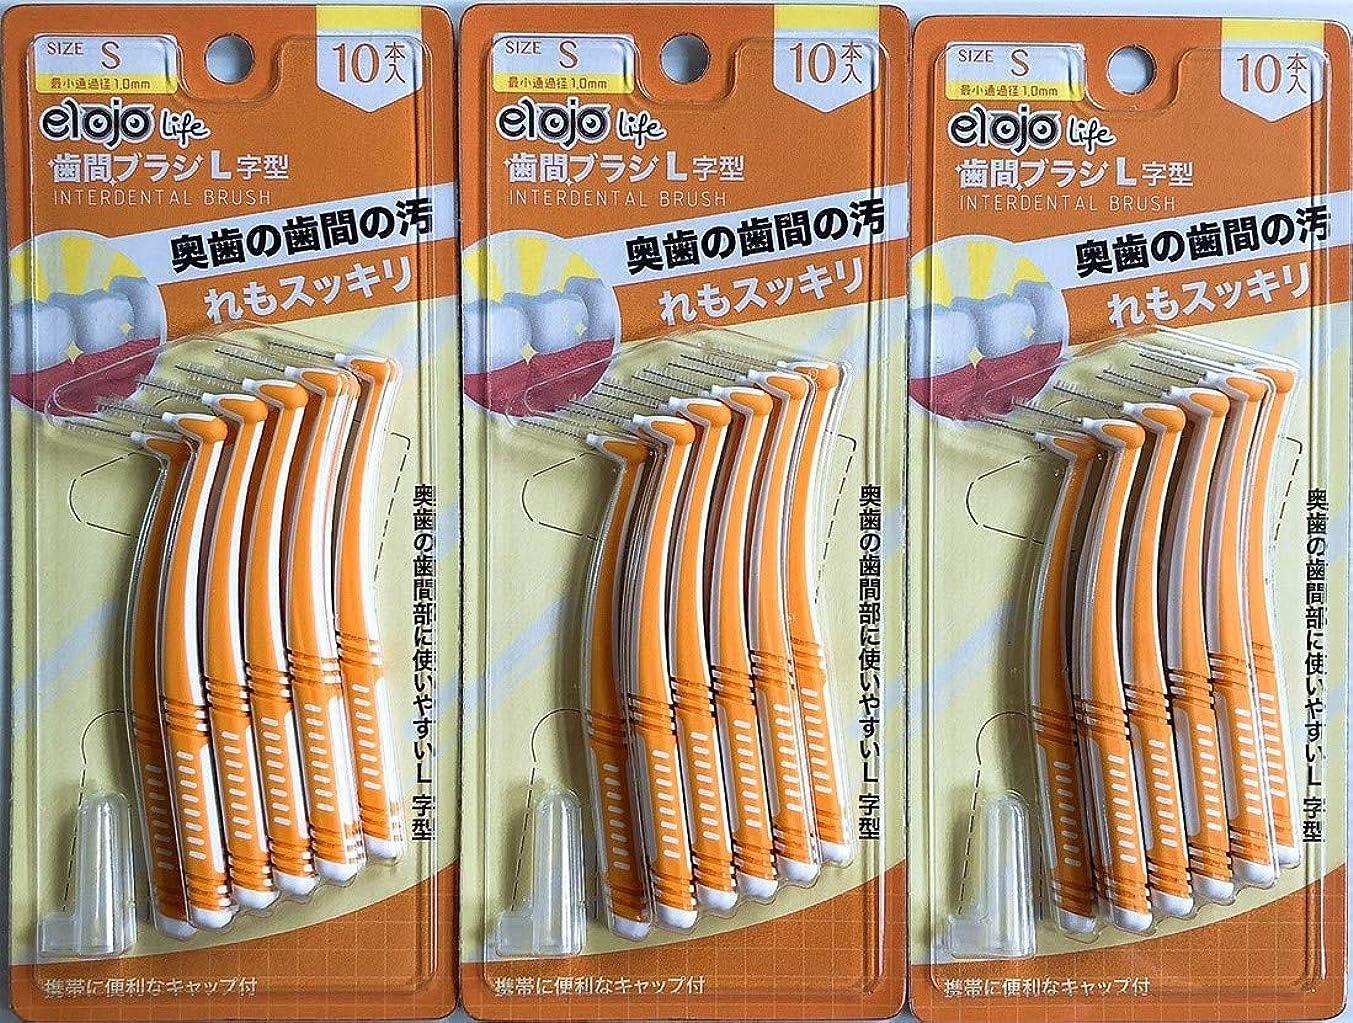 穴不定出演者elojo Life 歯間ブラシ〈 L字型 〉Sサイズ 10本 (30本) 【送料無料】